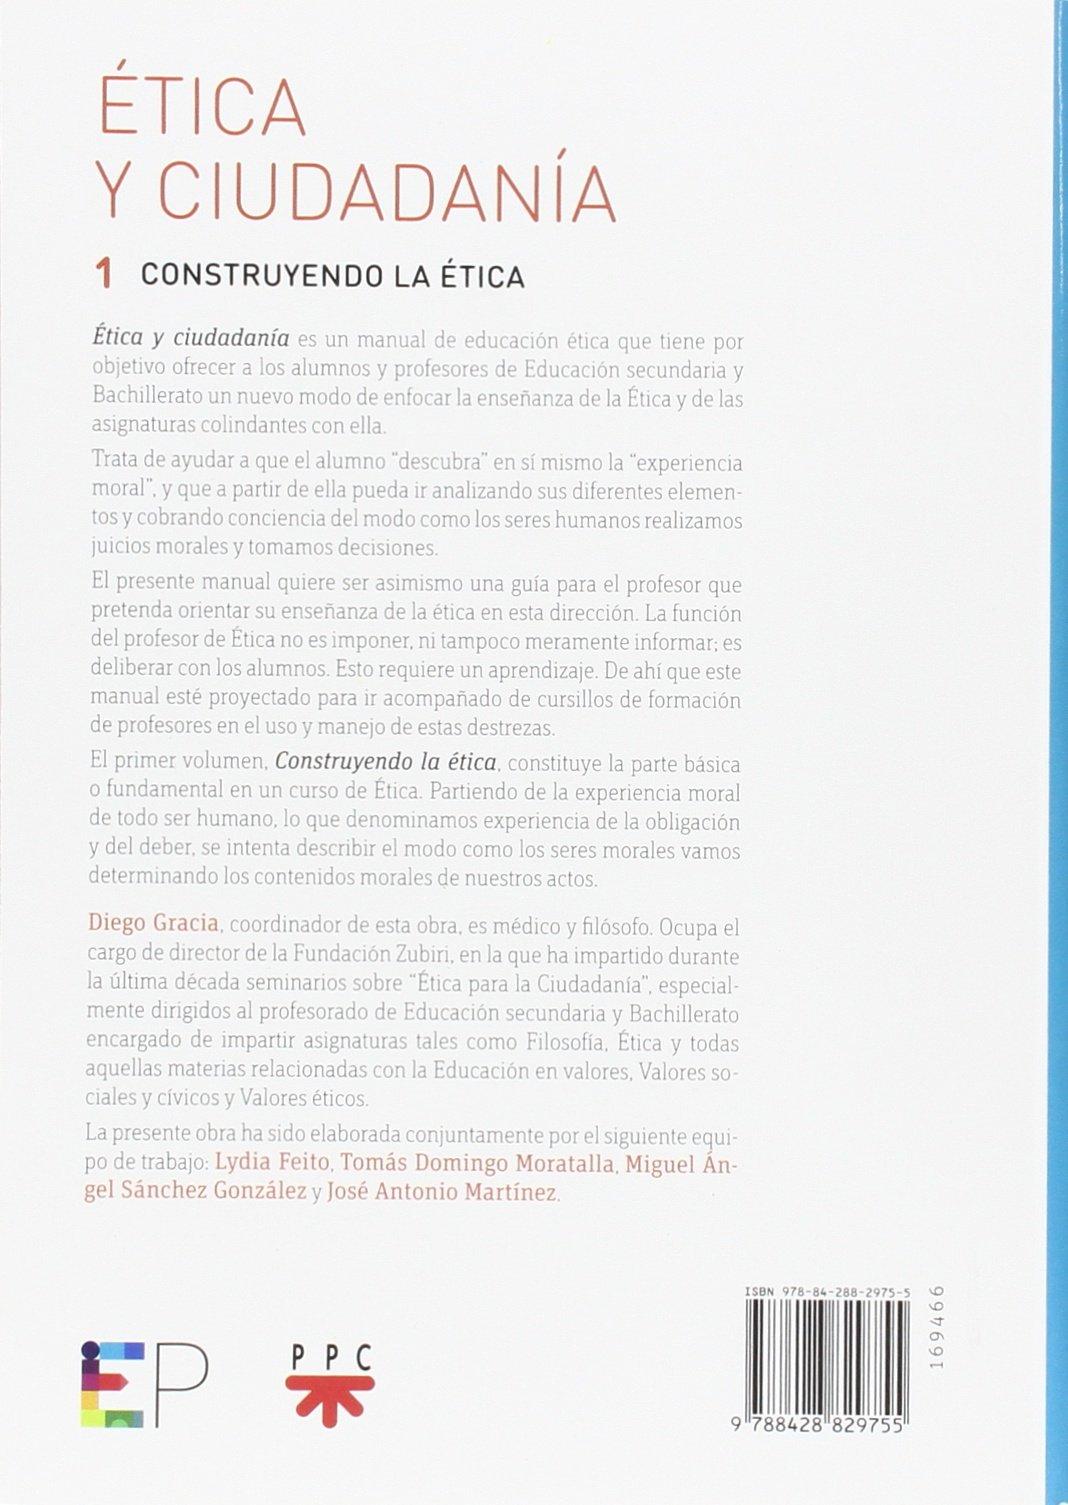 Ética Y Ciudadanía 1. Construyendo La Ética Educar Práctico: Amazon.es: Diego Gracia: Libros